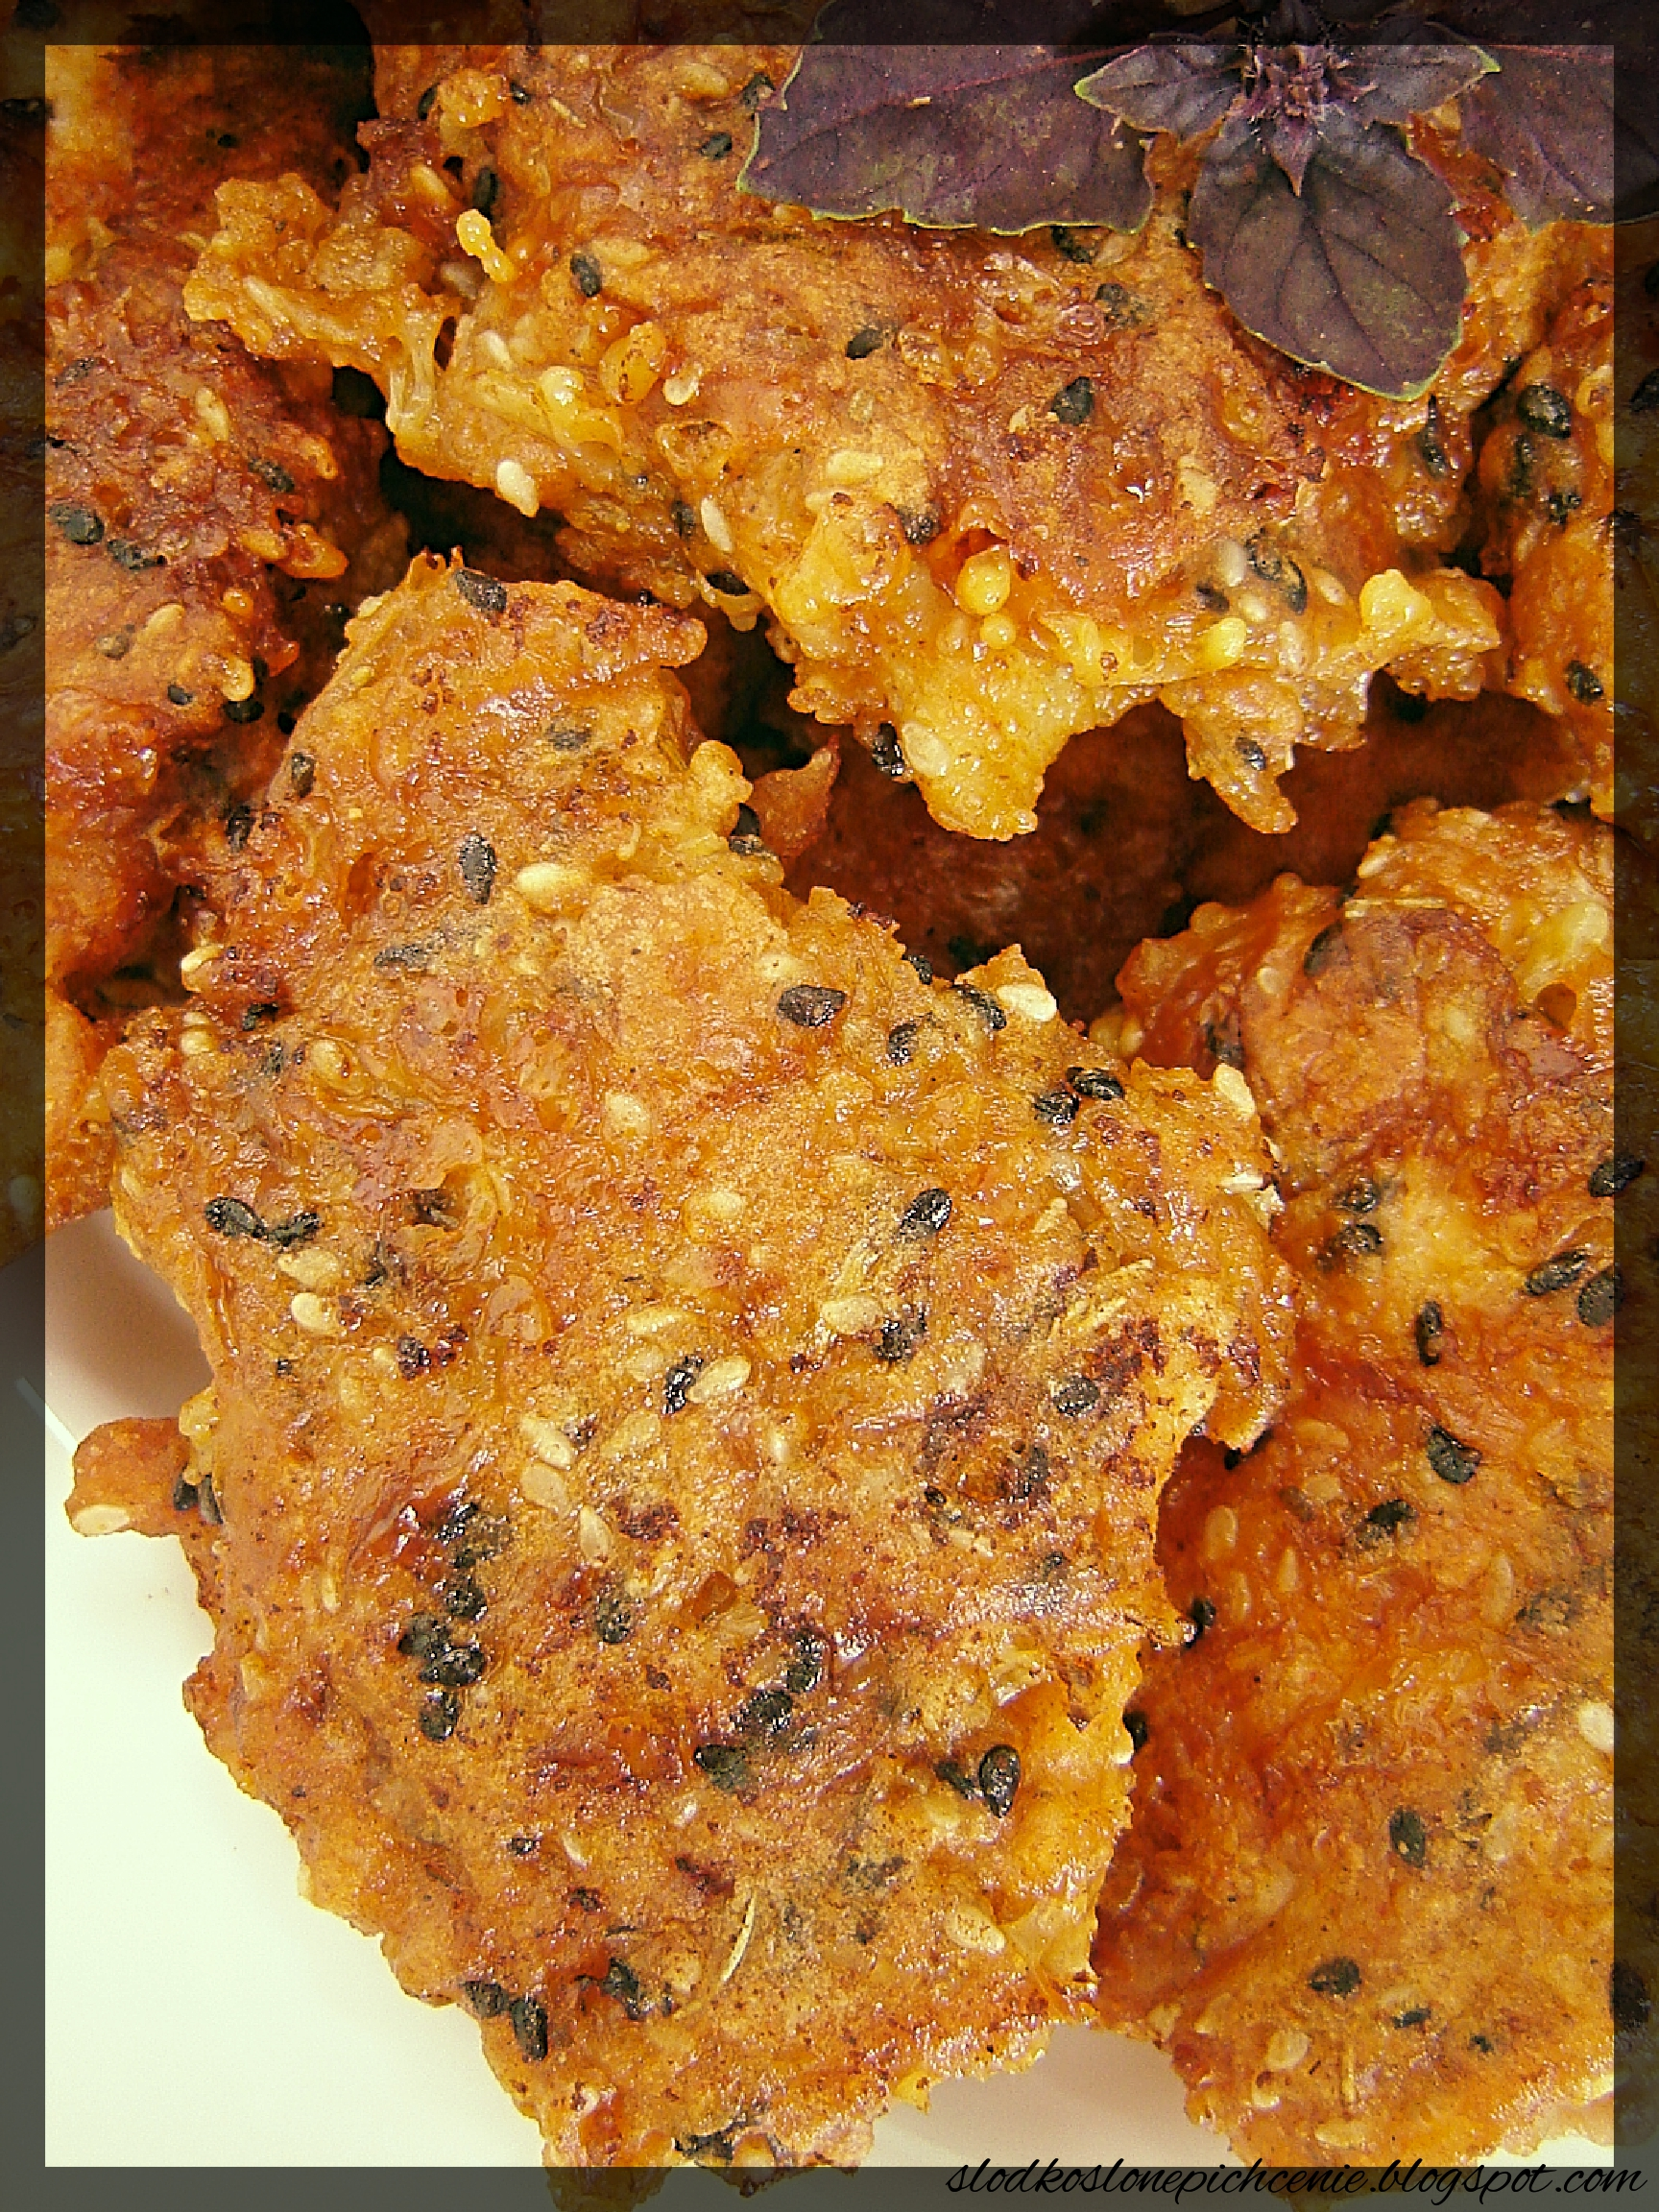 Kotlety drobiowe w panierce serowo-sezamowej